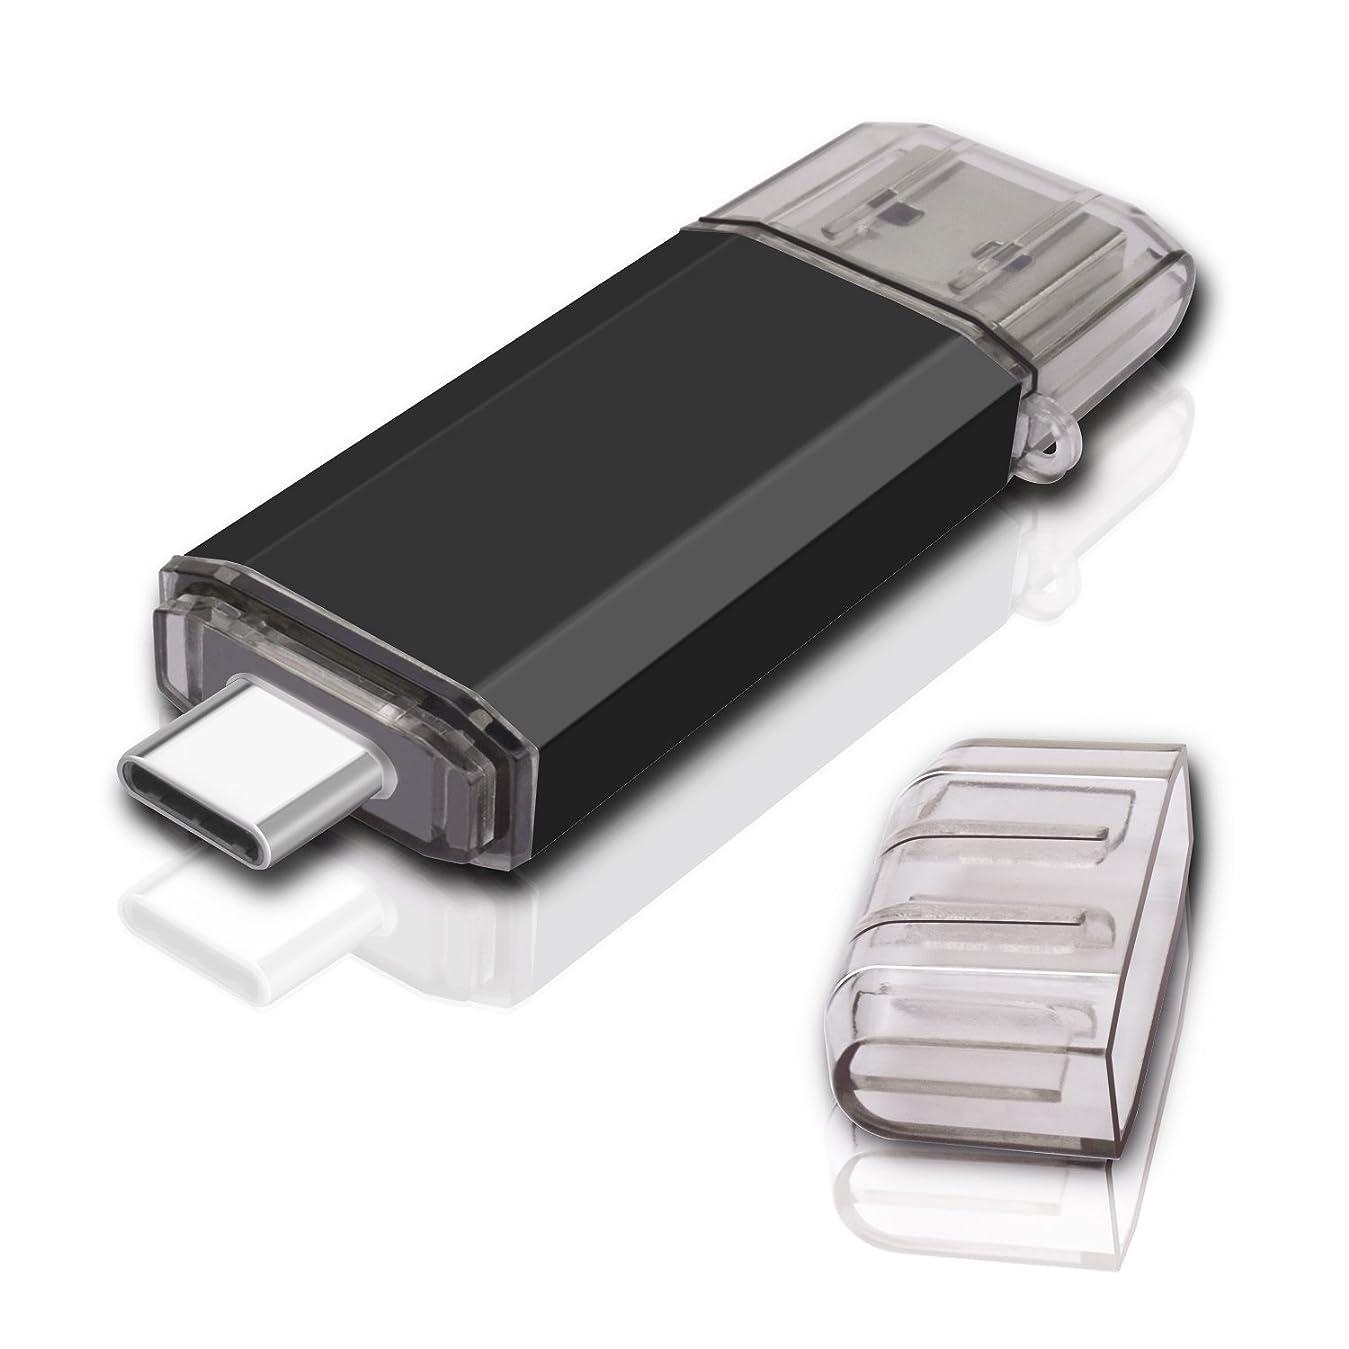 学校無条件グリースKEXIN USBメモリースティック 128GB 3.0 フラッシュドライブ 128G OTG USBフィギュア フラッシュメモリ USB Type C メモリ 高速データ転送 Windows PC MacBook Pro に対応 黒